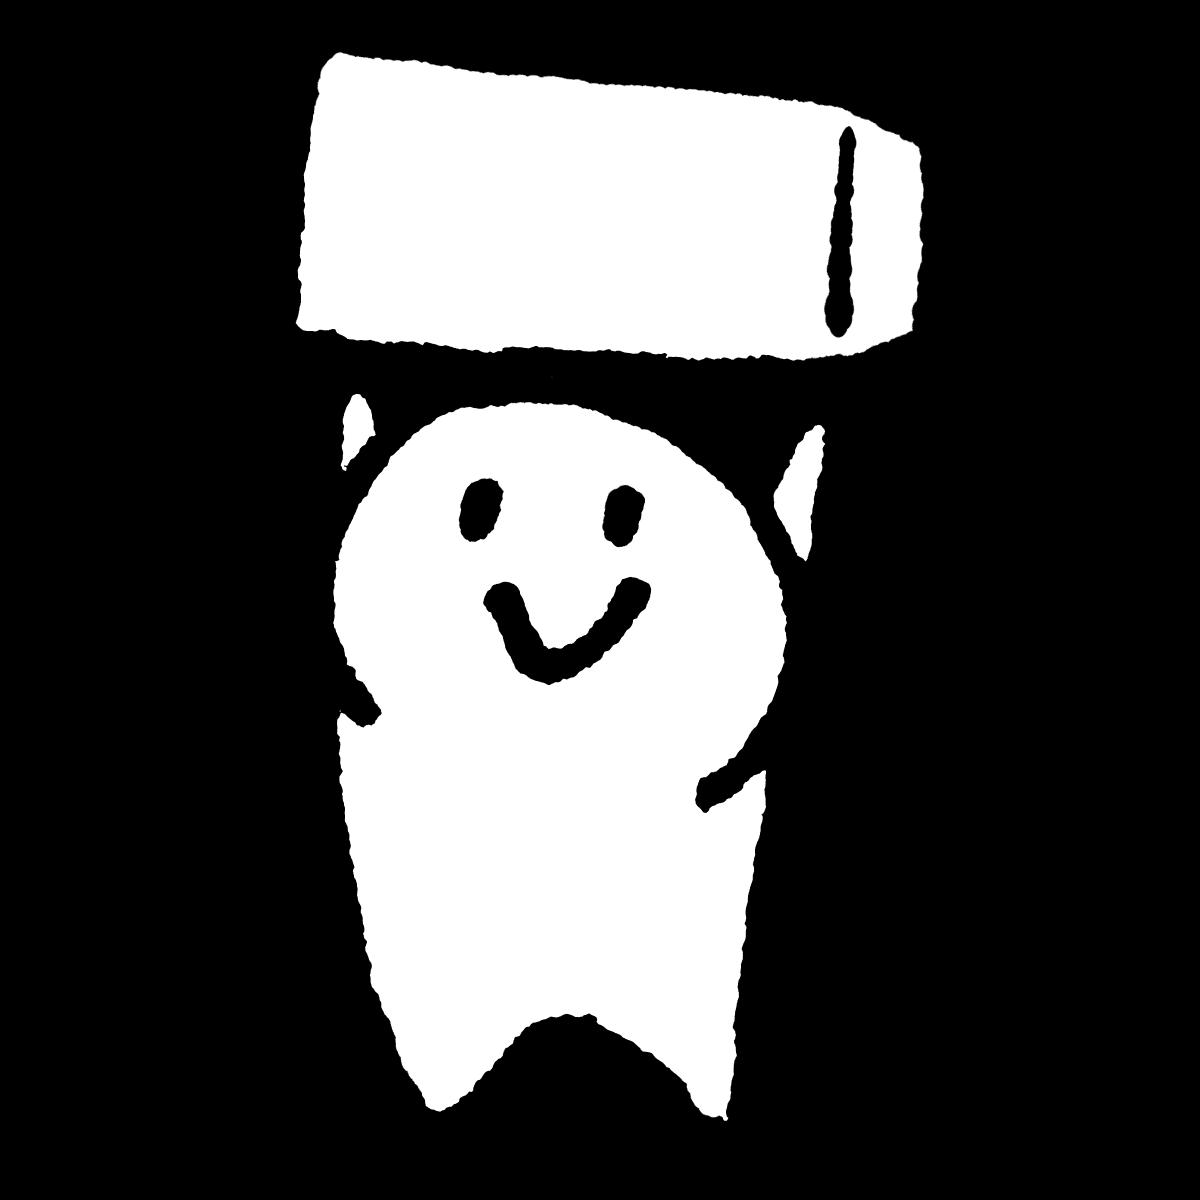 箱を持ち上げる(2種)のイラスト / Lift a box (2 types) Illustration